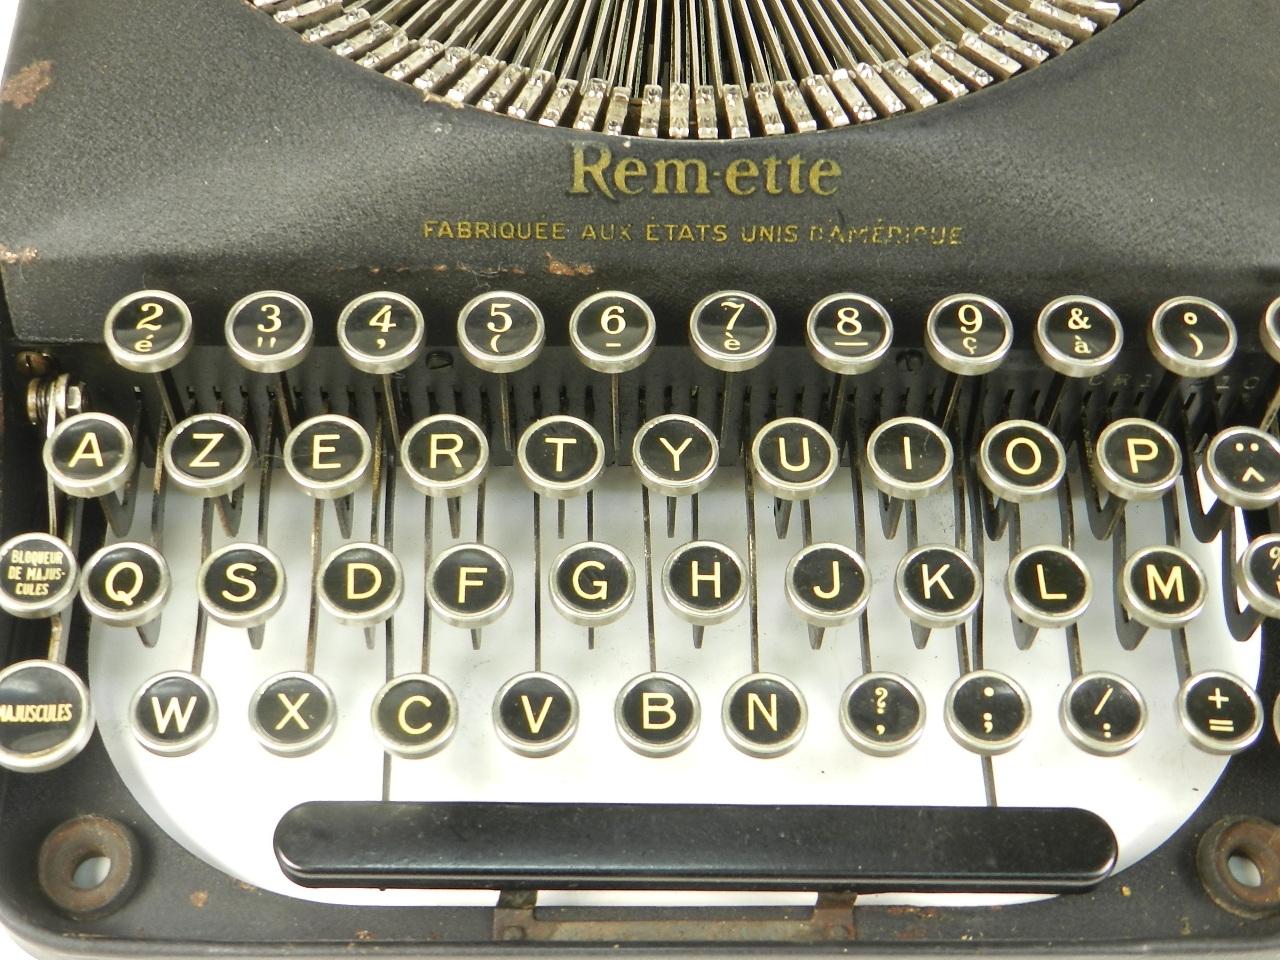 Imagen REMINGTON  REM-ETTE AÑO 1939 30563